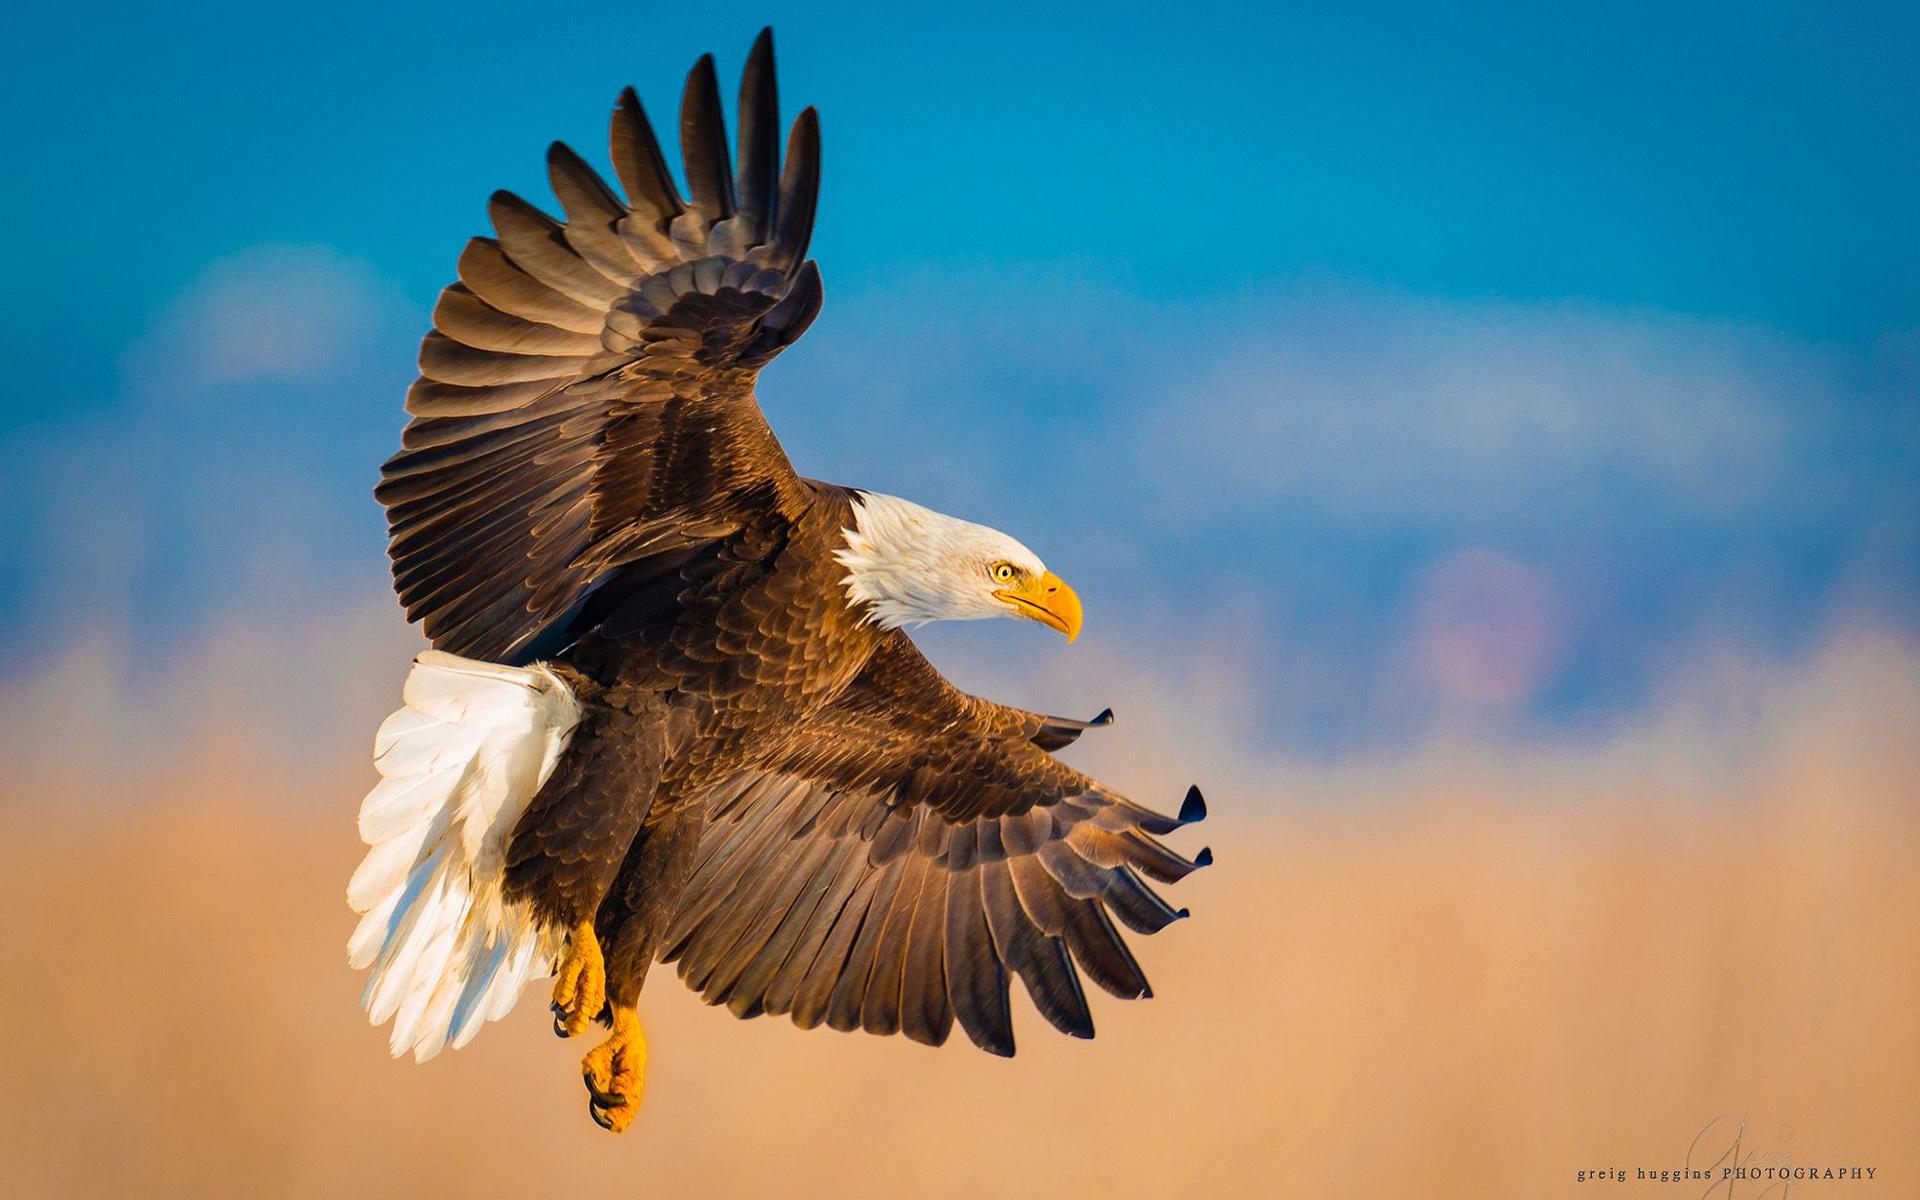 Картинка орел высокого разрешения